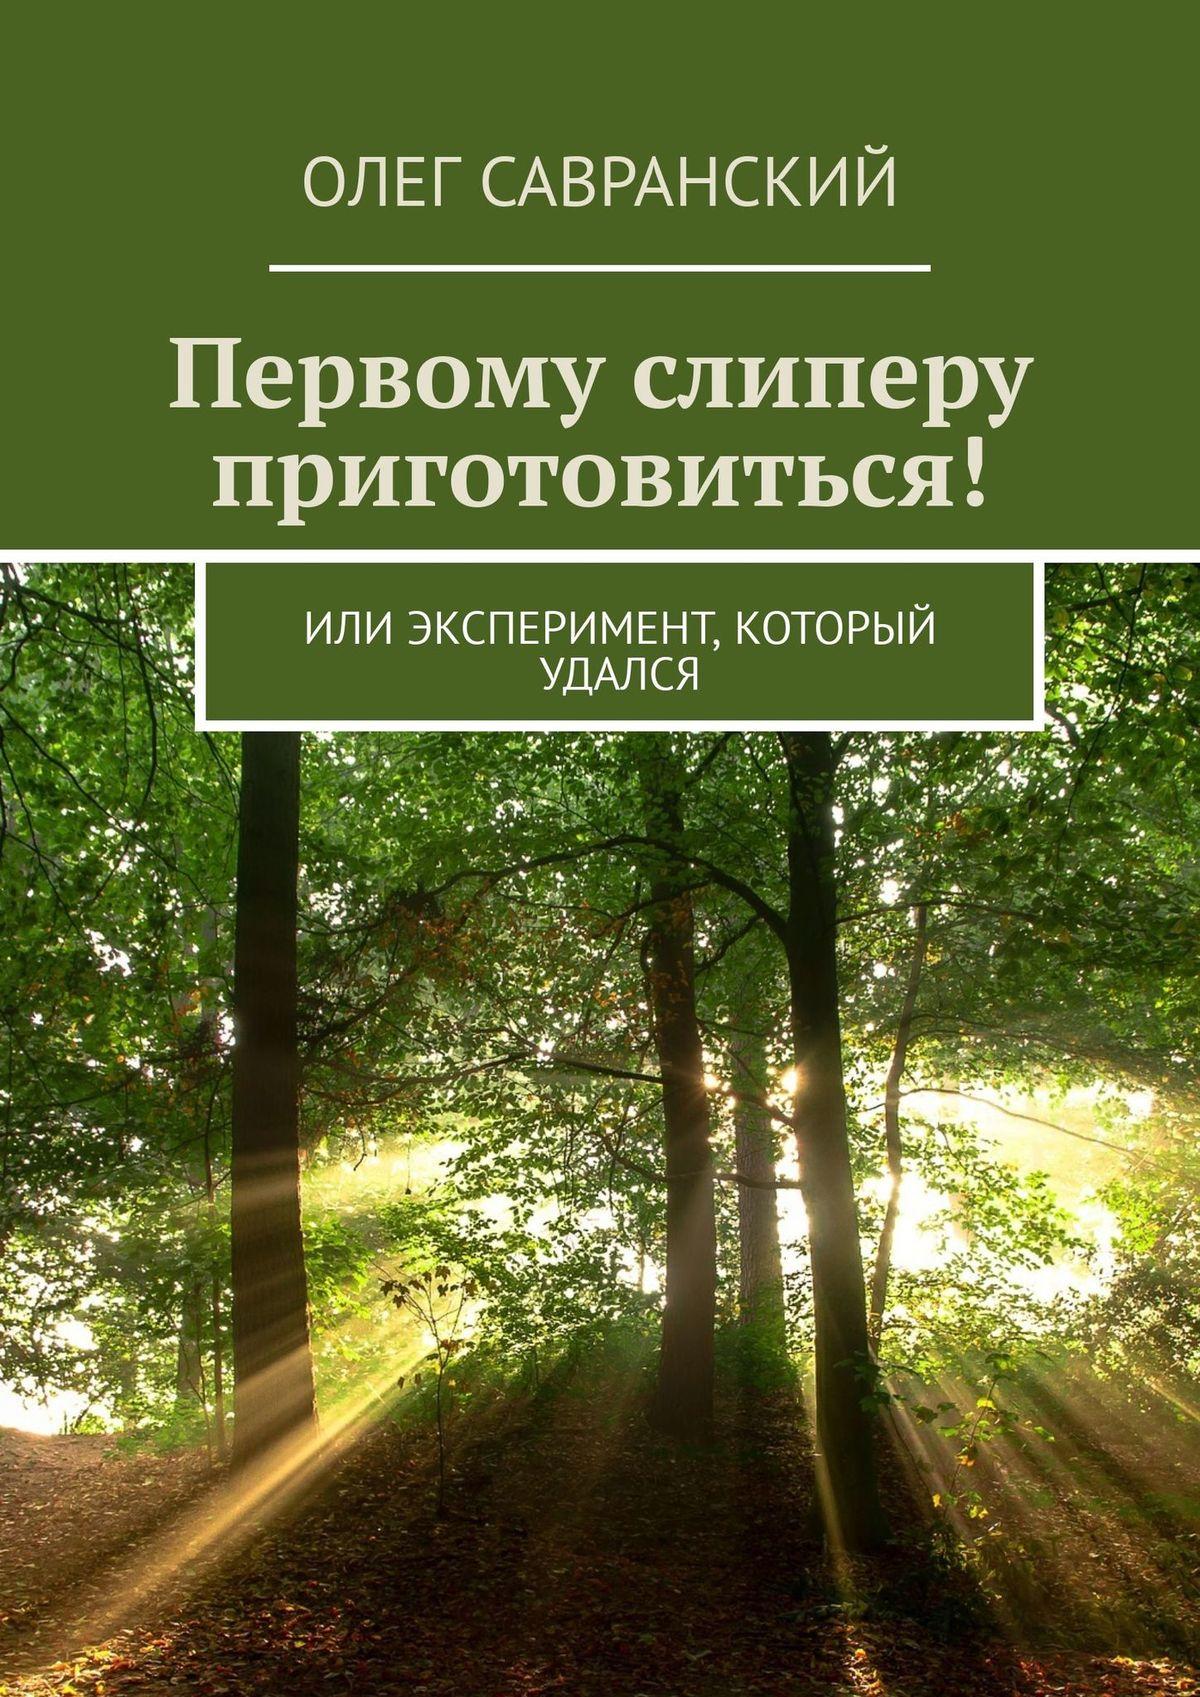 Олег Савранский Первому слиперу приготовиться! Или эксперимент, который удался